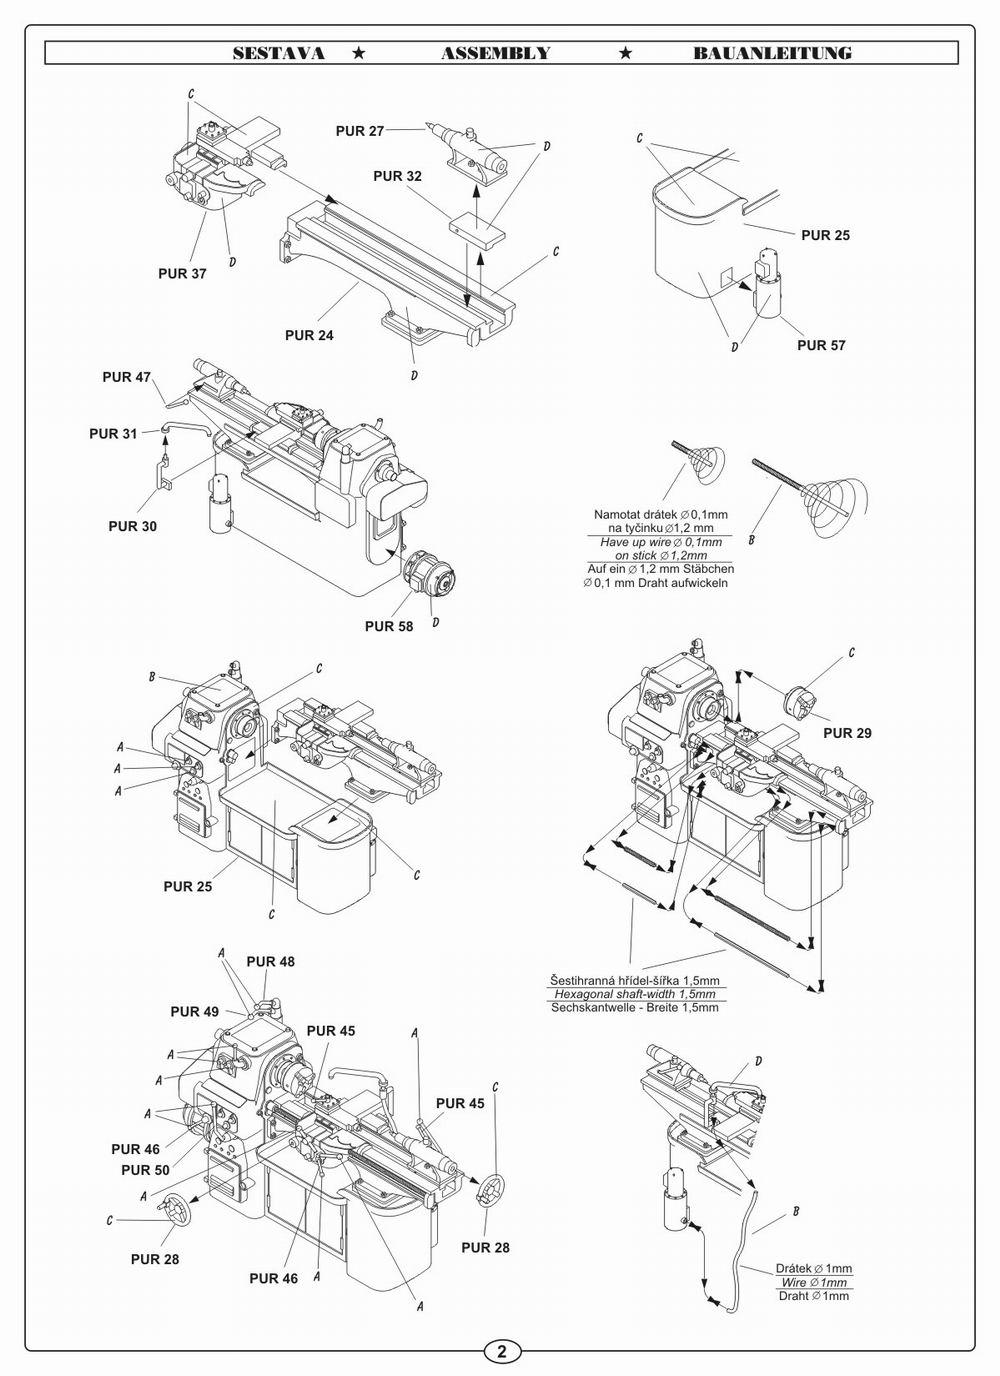 CMK Kits ESHOP